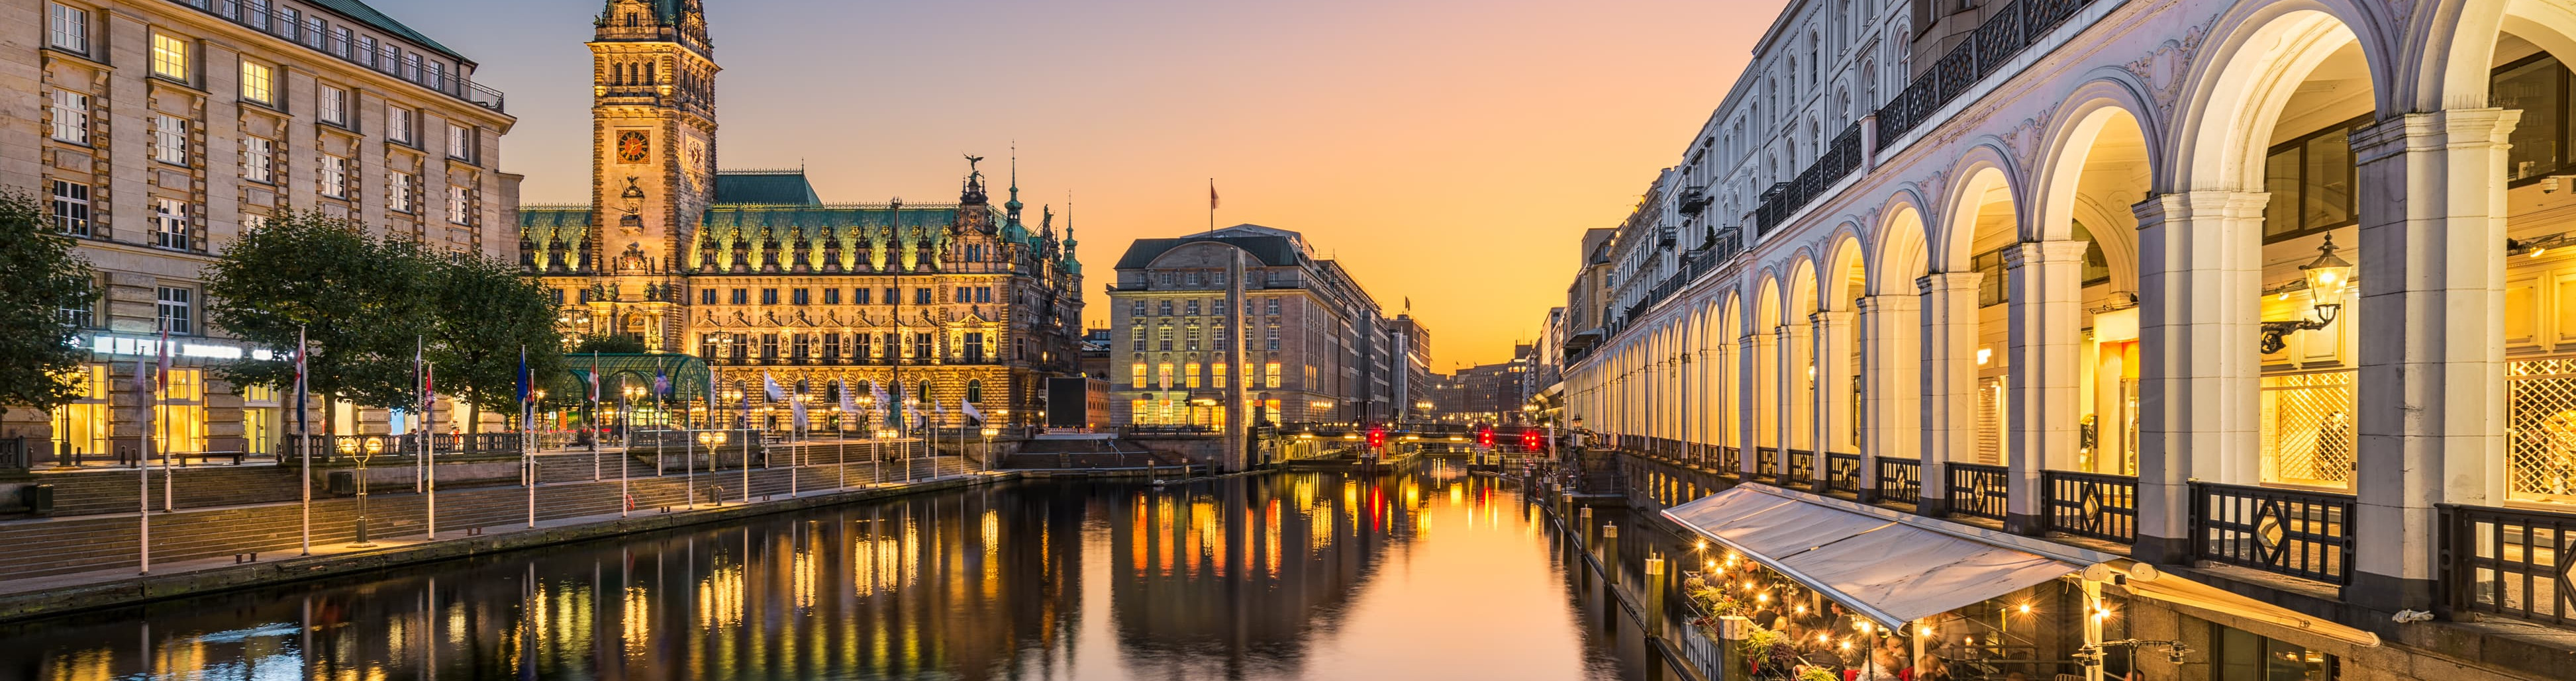 Мости, музеї та розваги: SkyUp починає продаж квитків до Гамбурга